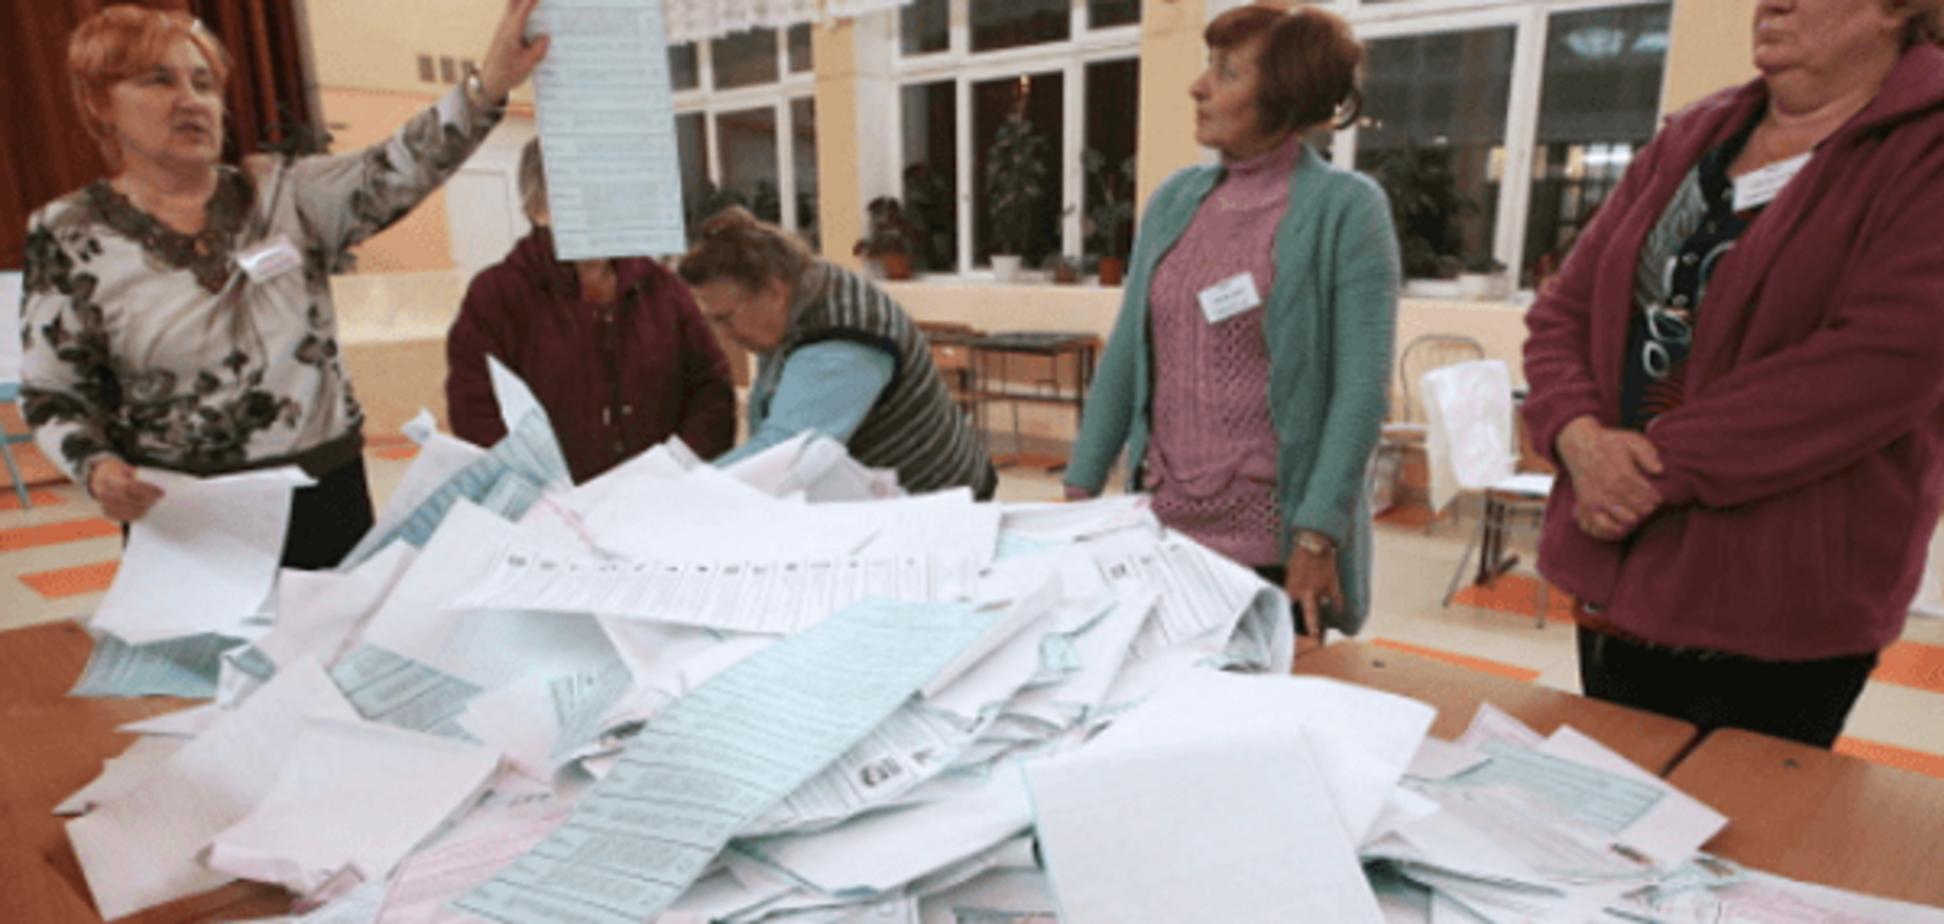 Российские СМИ математически обнаружили масштабные фальсификации на выборах в Госдуму